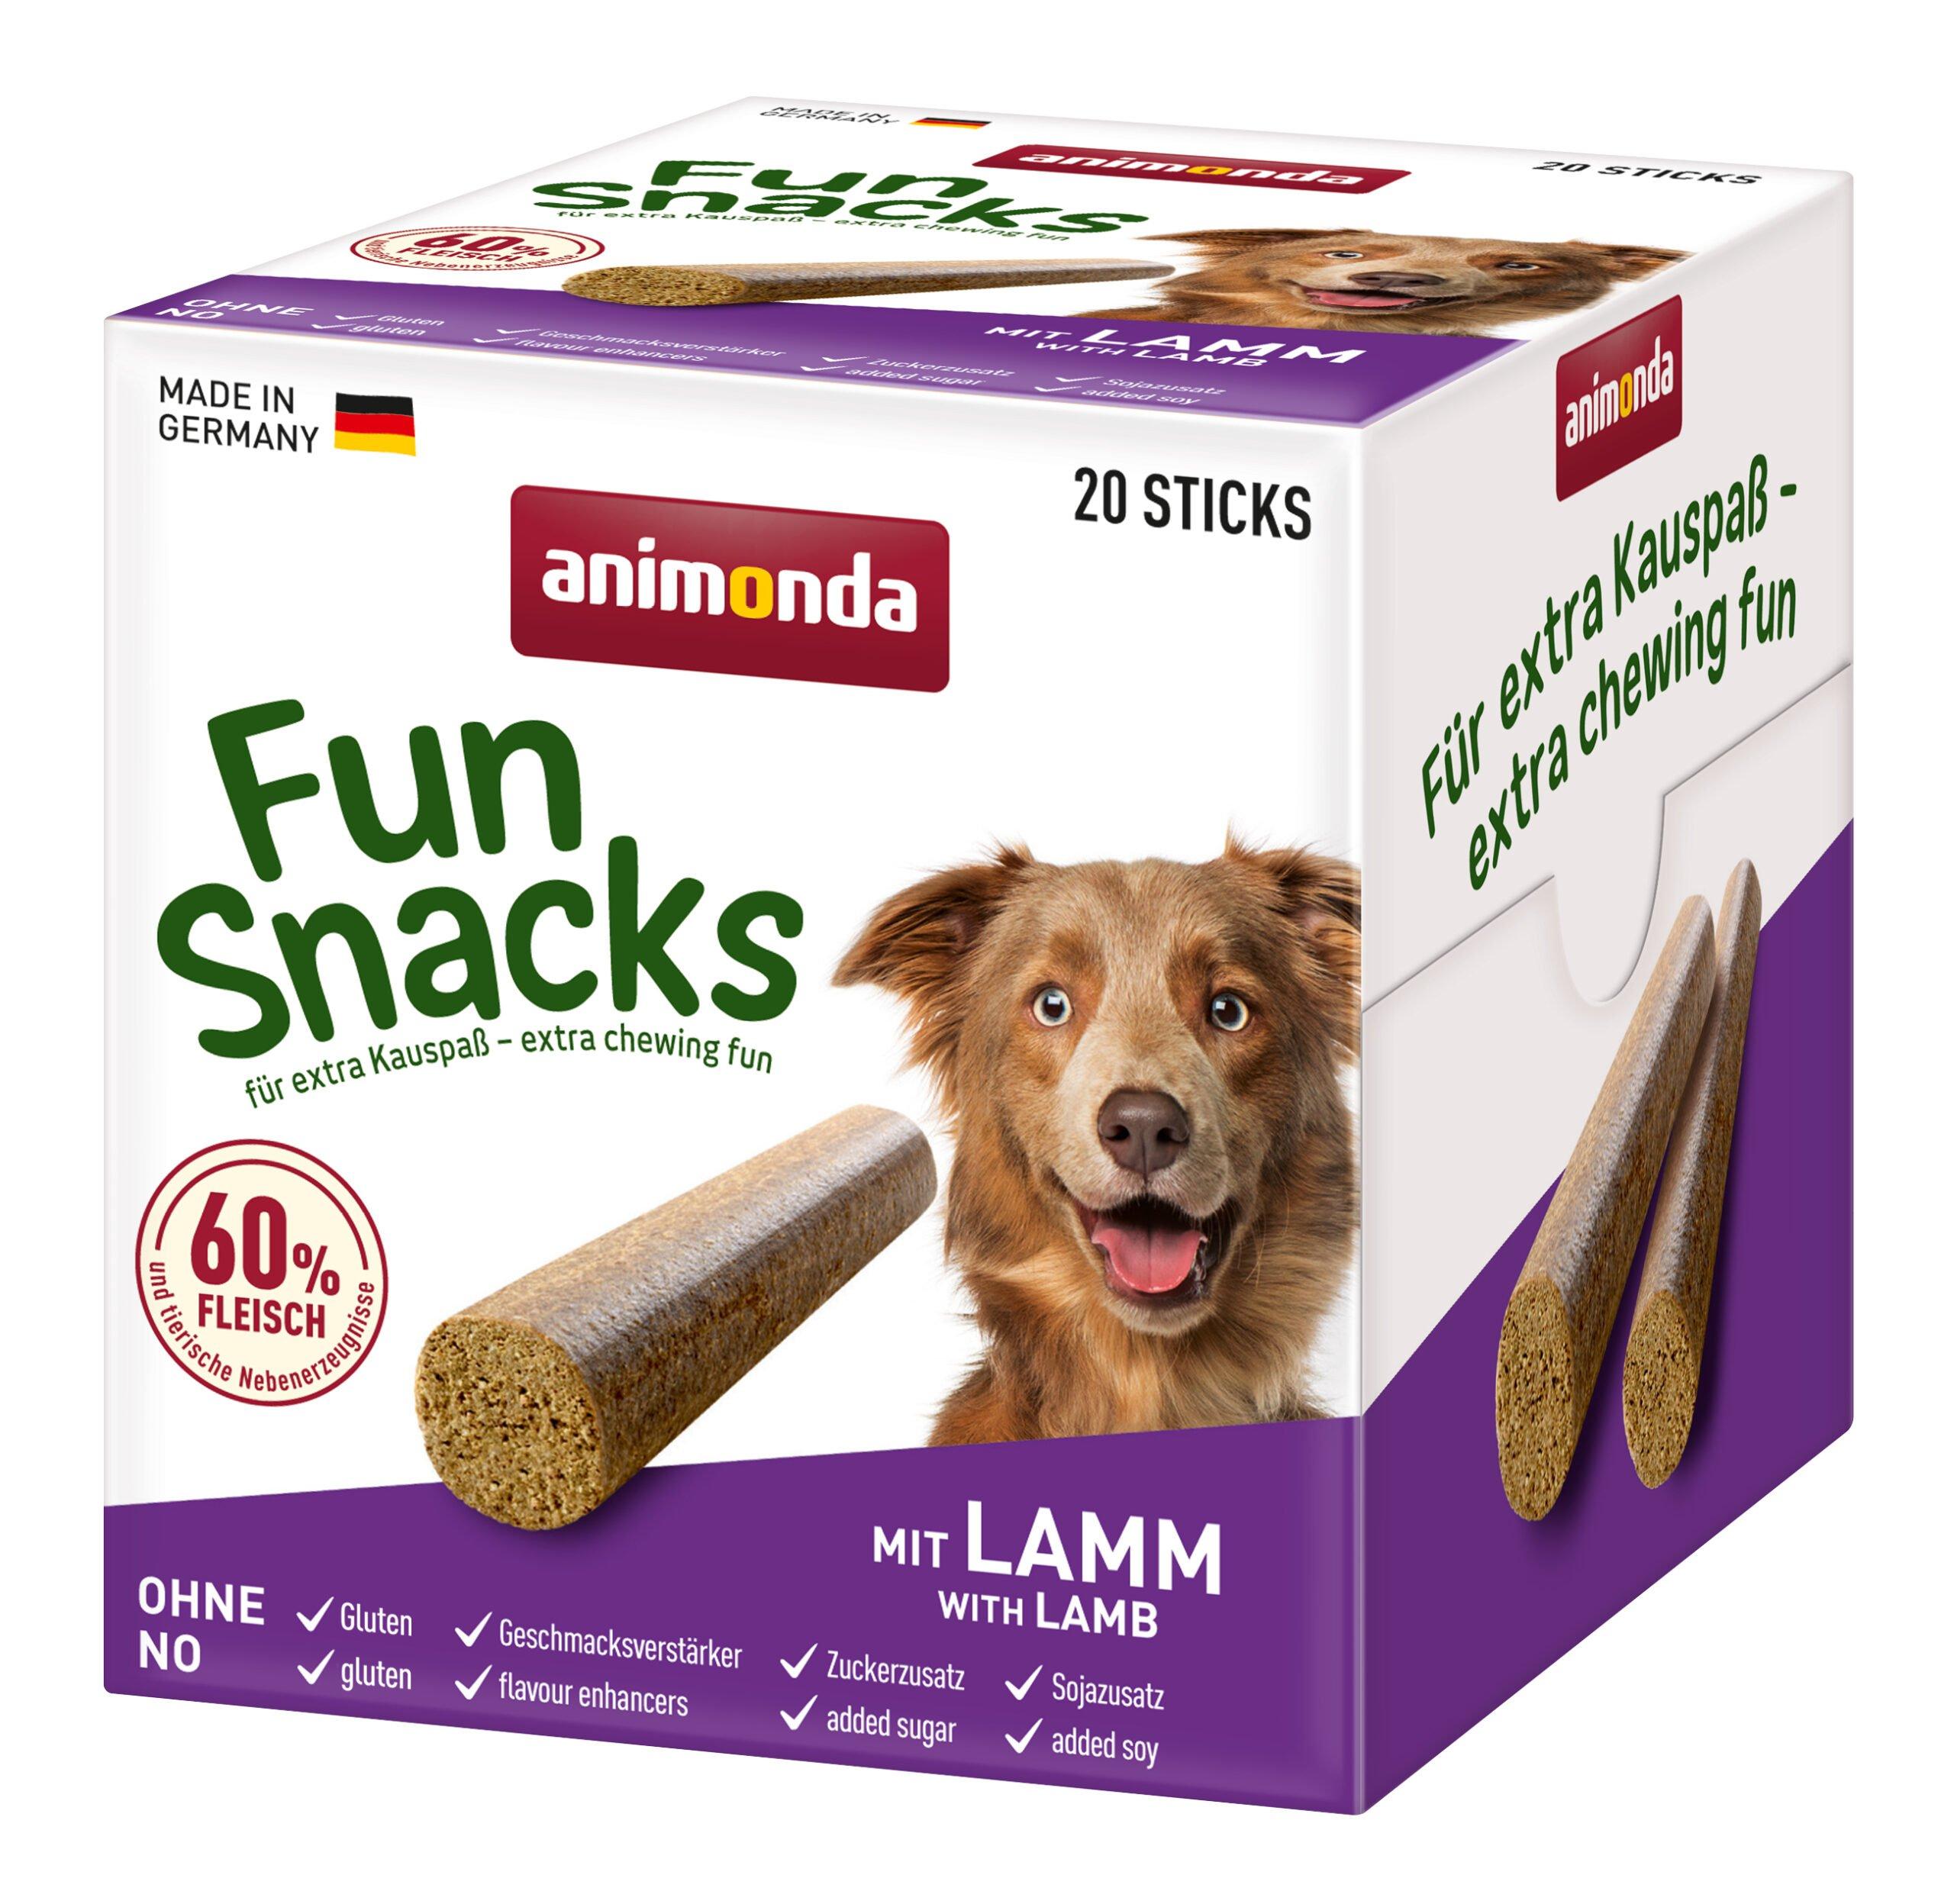 Fun Snacks Lam